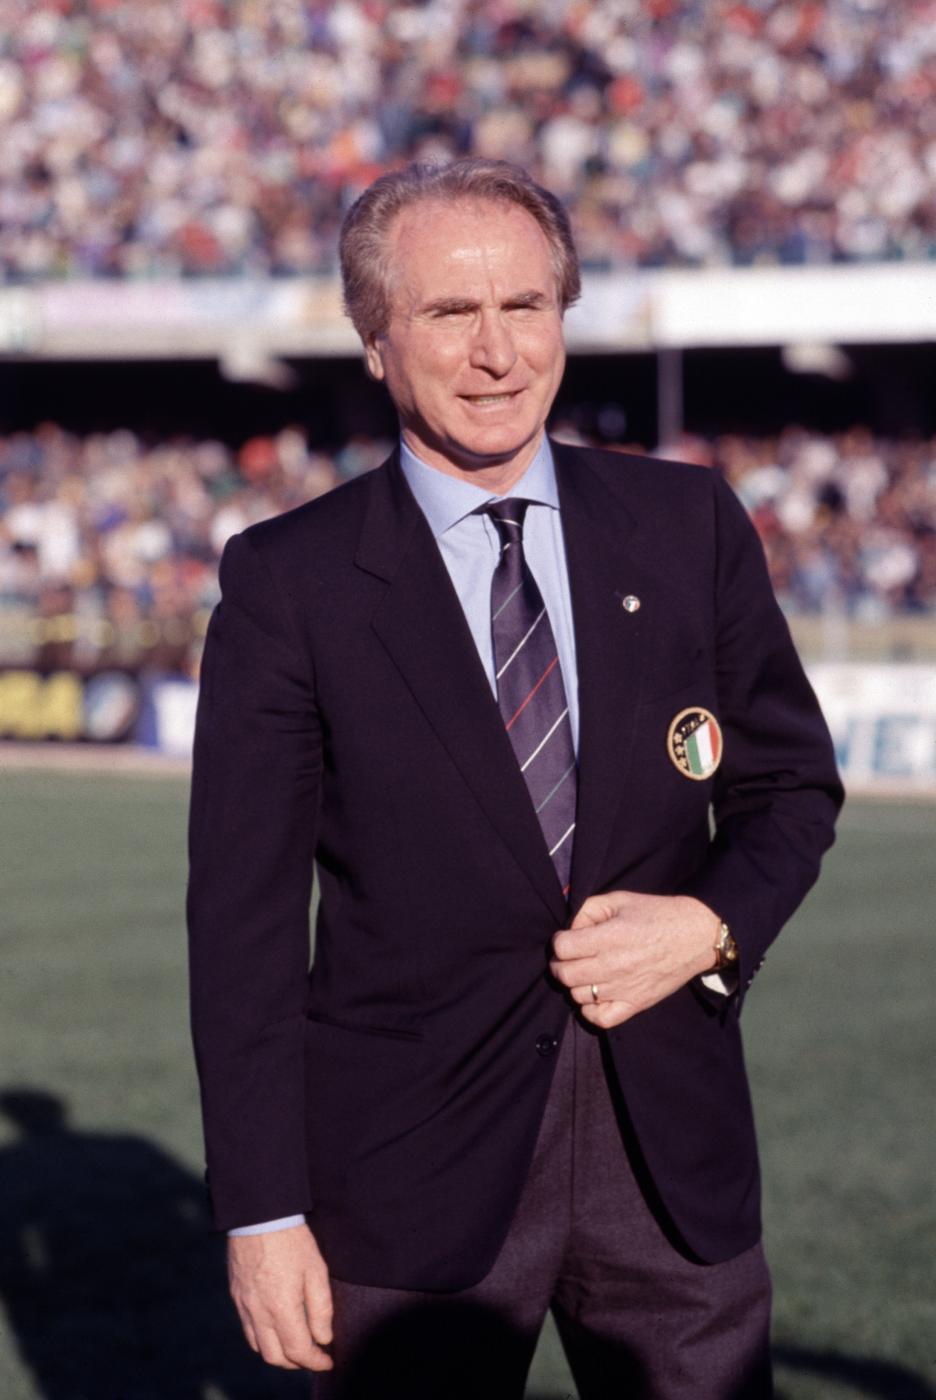 Azeglio Vicini (30 gennaio 2018)  - L'ex ct della Nazionale a Italia 90 se ne è andato a 84 anni nella sua città d'adozione, Brescia